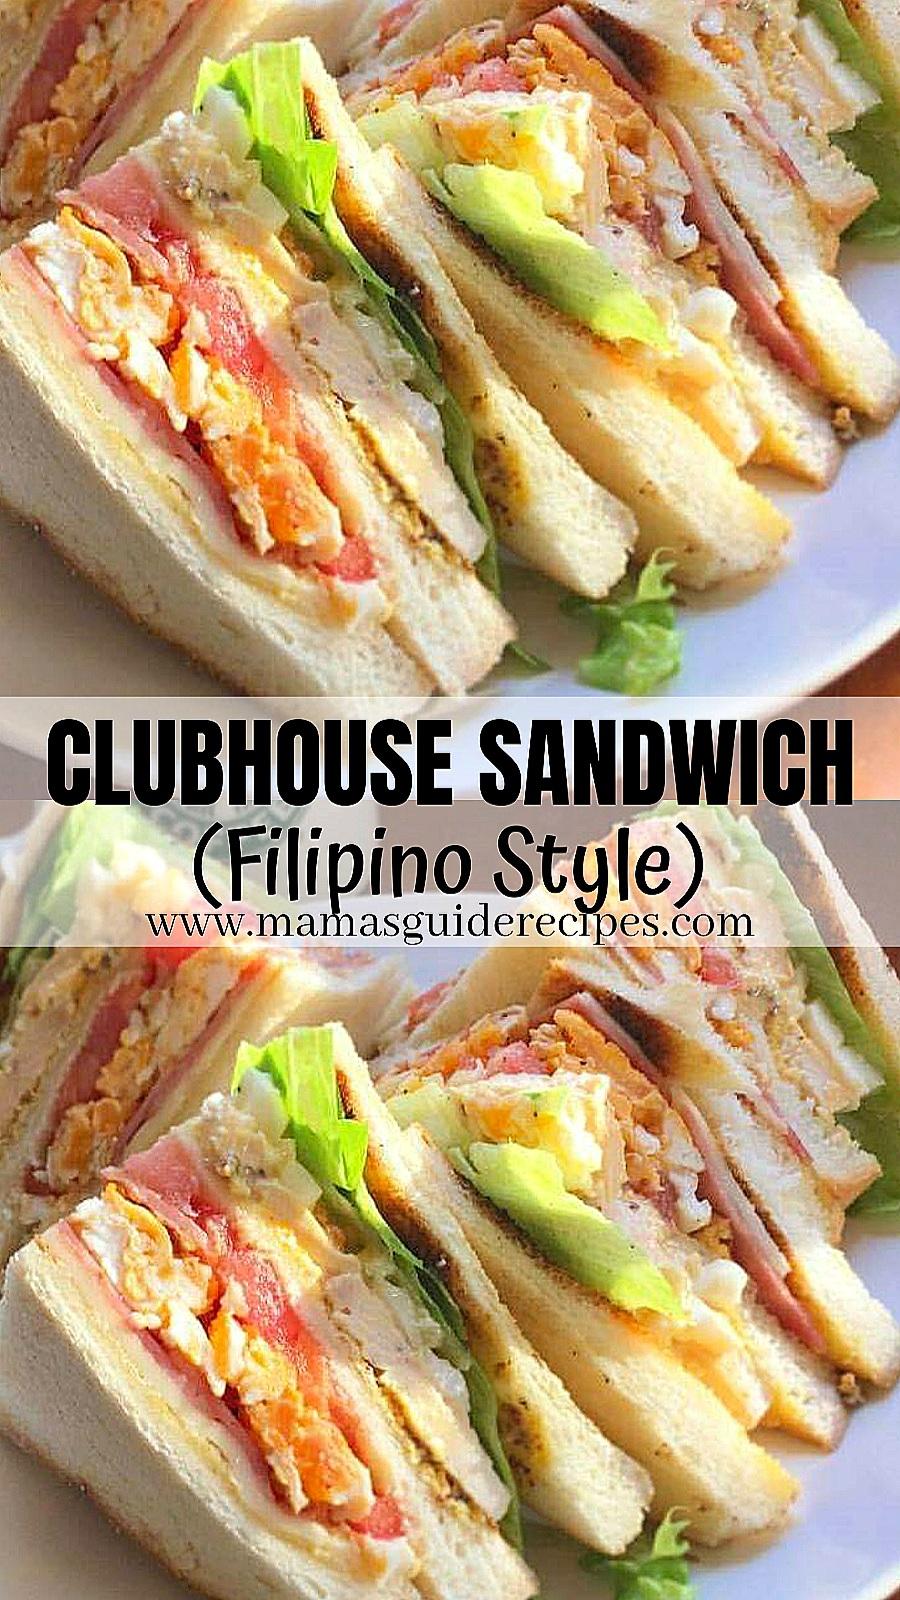 CLUBHOUSE SANDWICH (Filipino Style)